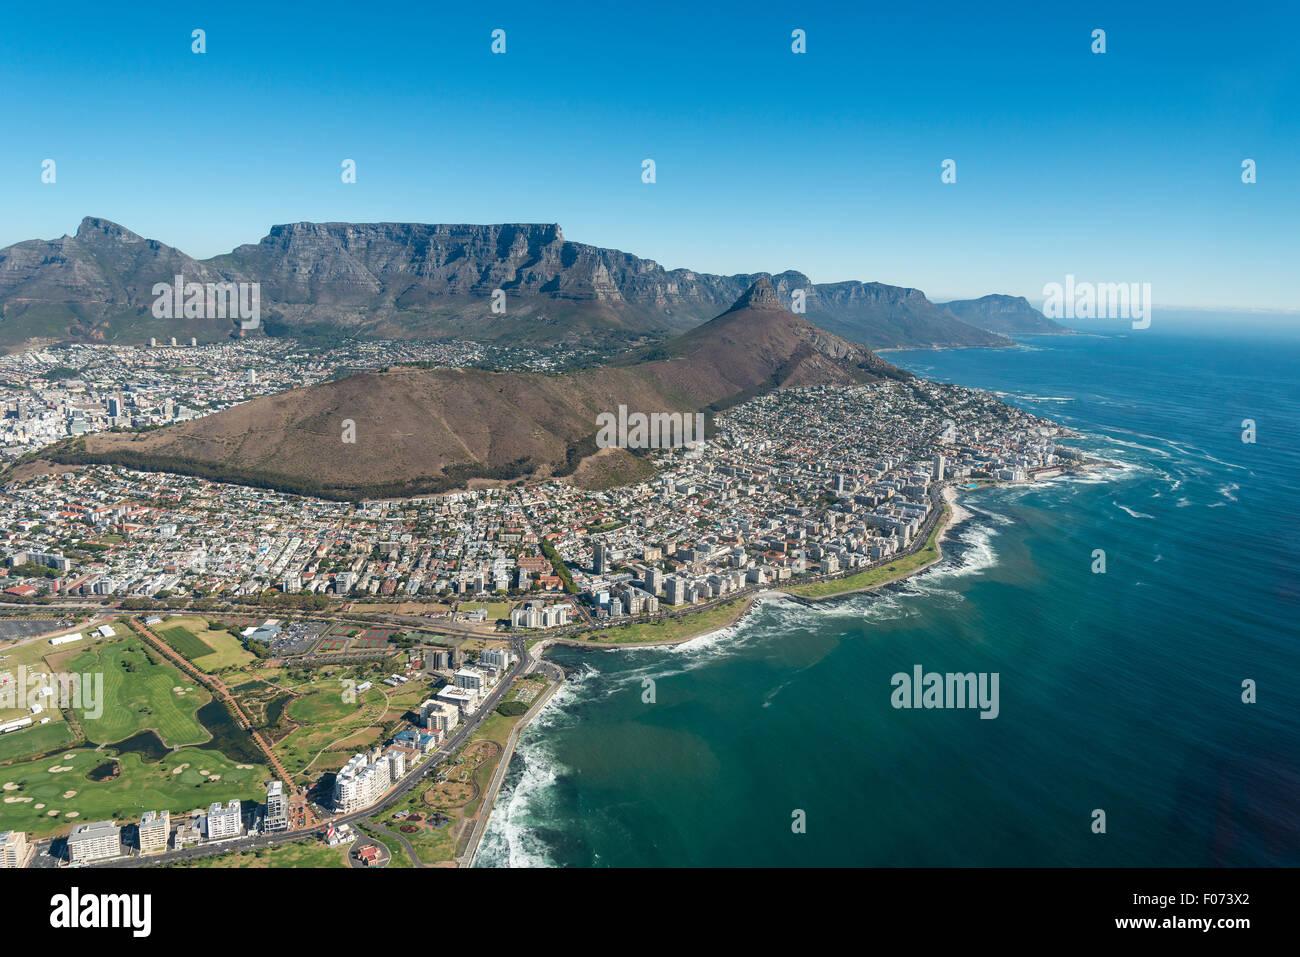 Vista aérea de la ciudad y las playas, Ciudad del Cabo, en la provincia de Western Cape, Sudáfrica Imagen De Stock